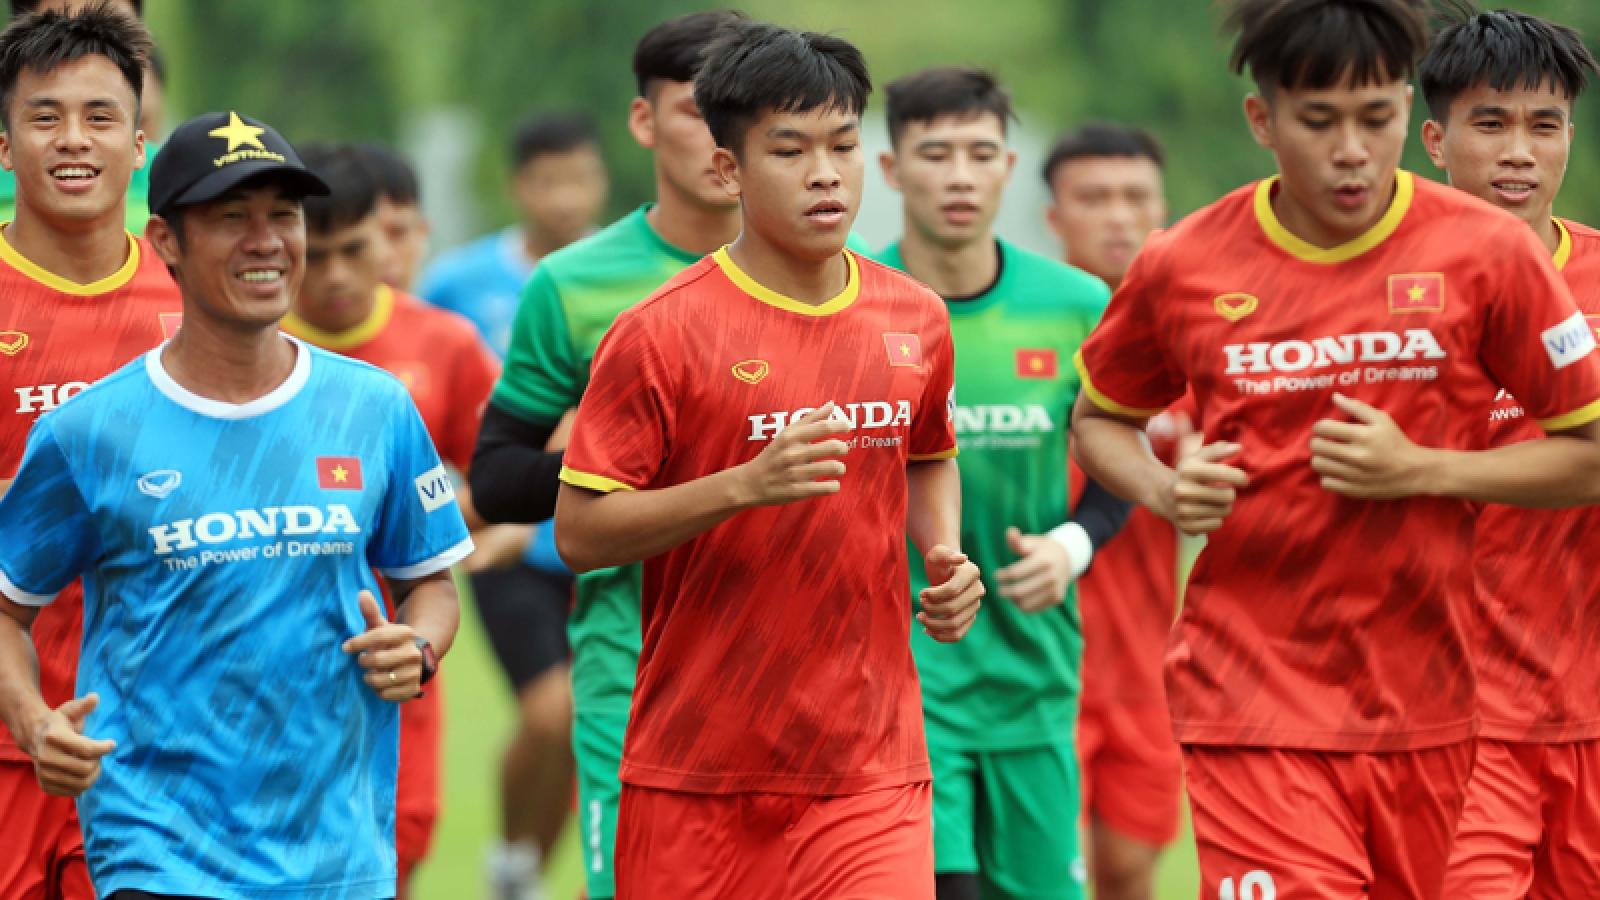 Cầu thủ U22 Việt Nam nói điều bất ngờ sau trận đấu với ĐT Việt Nam